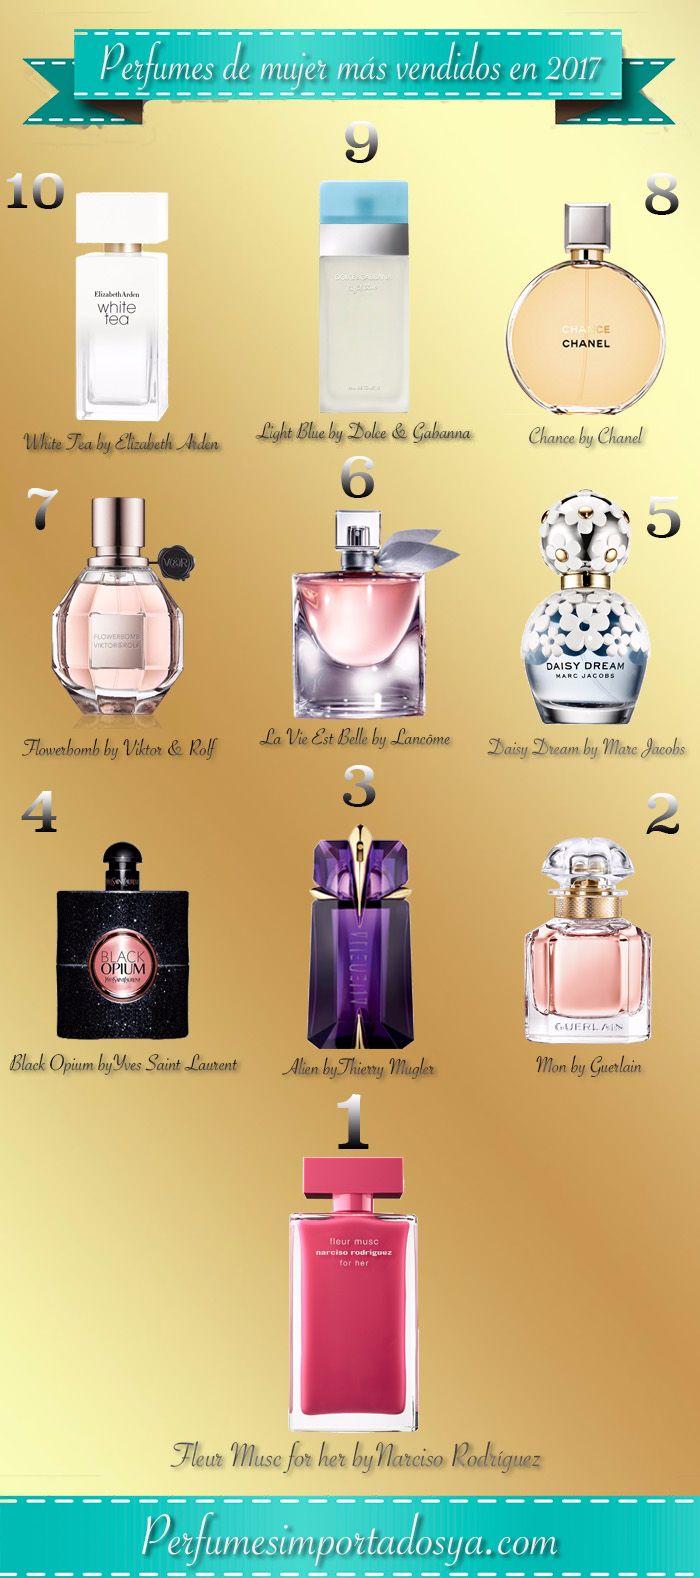 perfumes de mujer más vendidos 2017